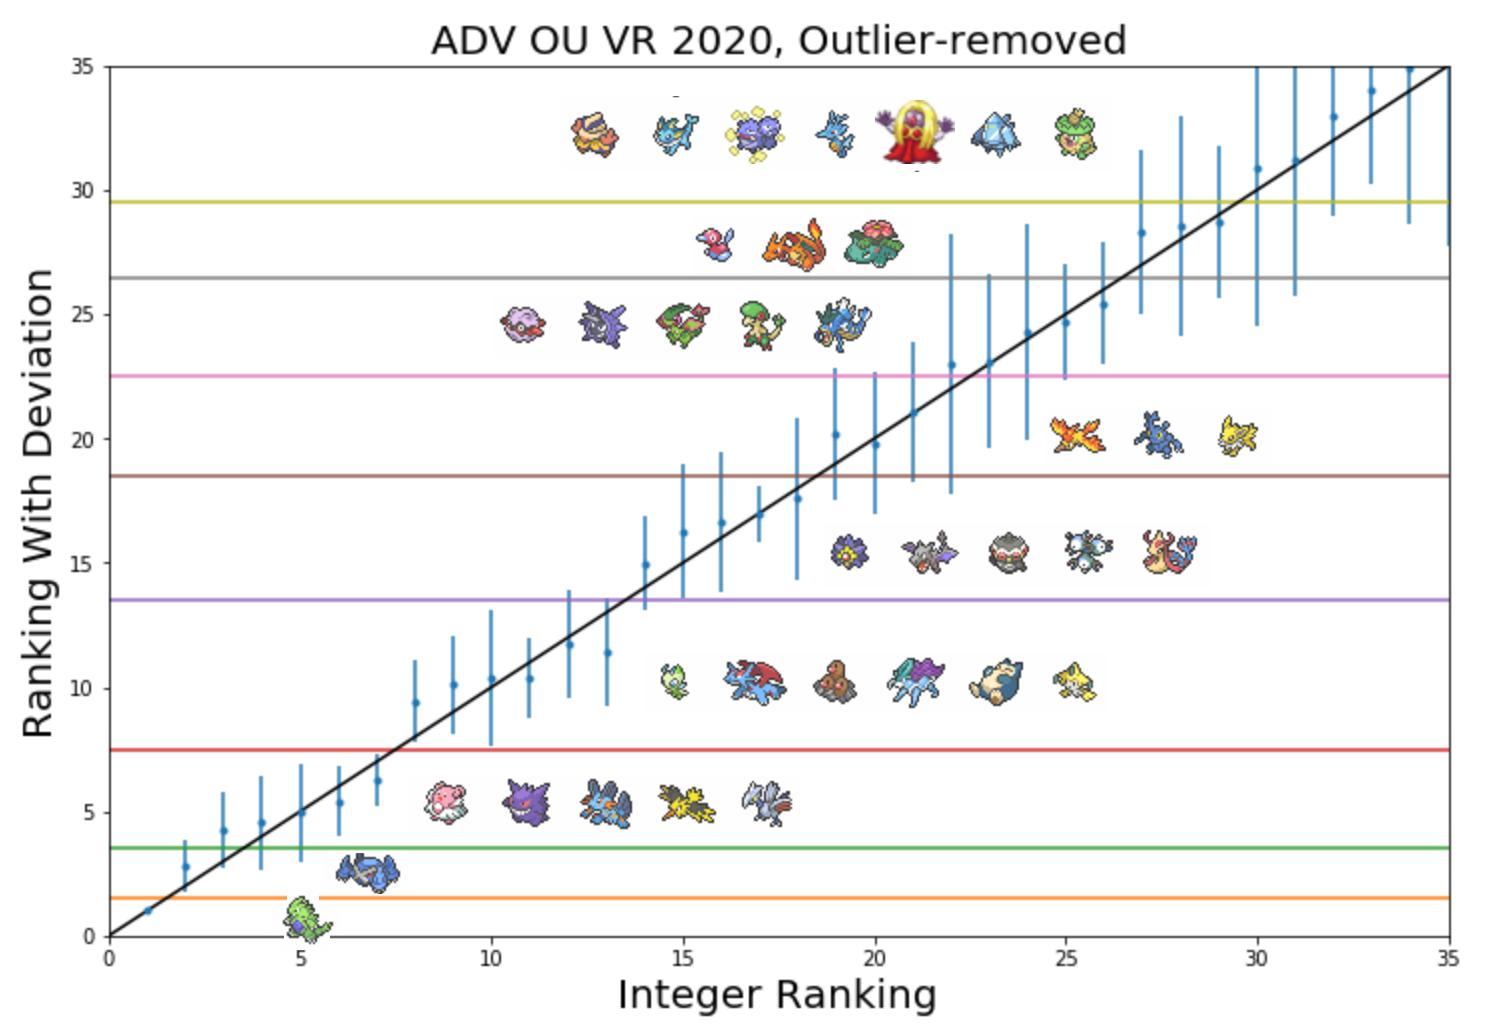 2020_ADV_OU_VR_Top_29.png